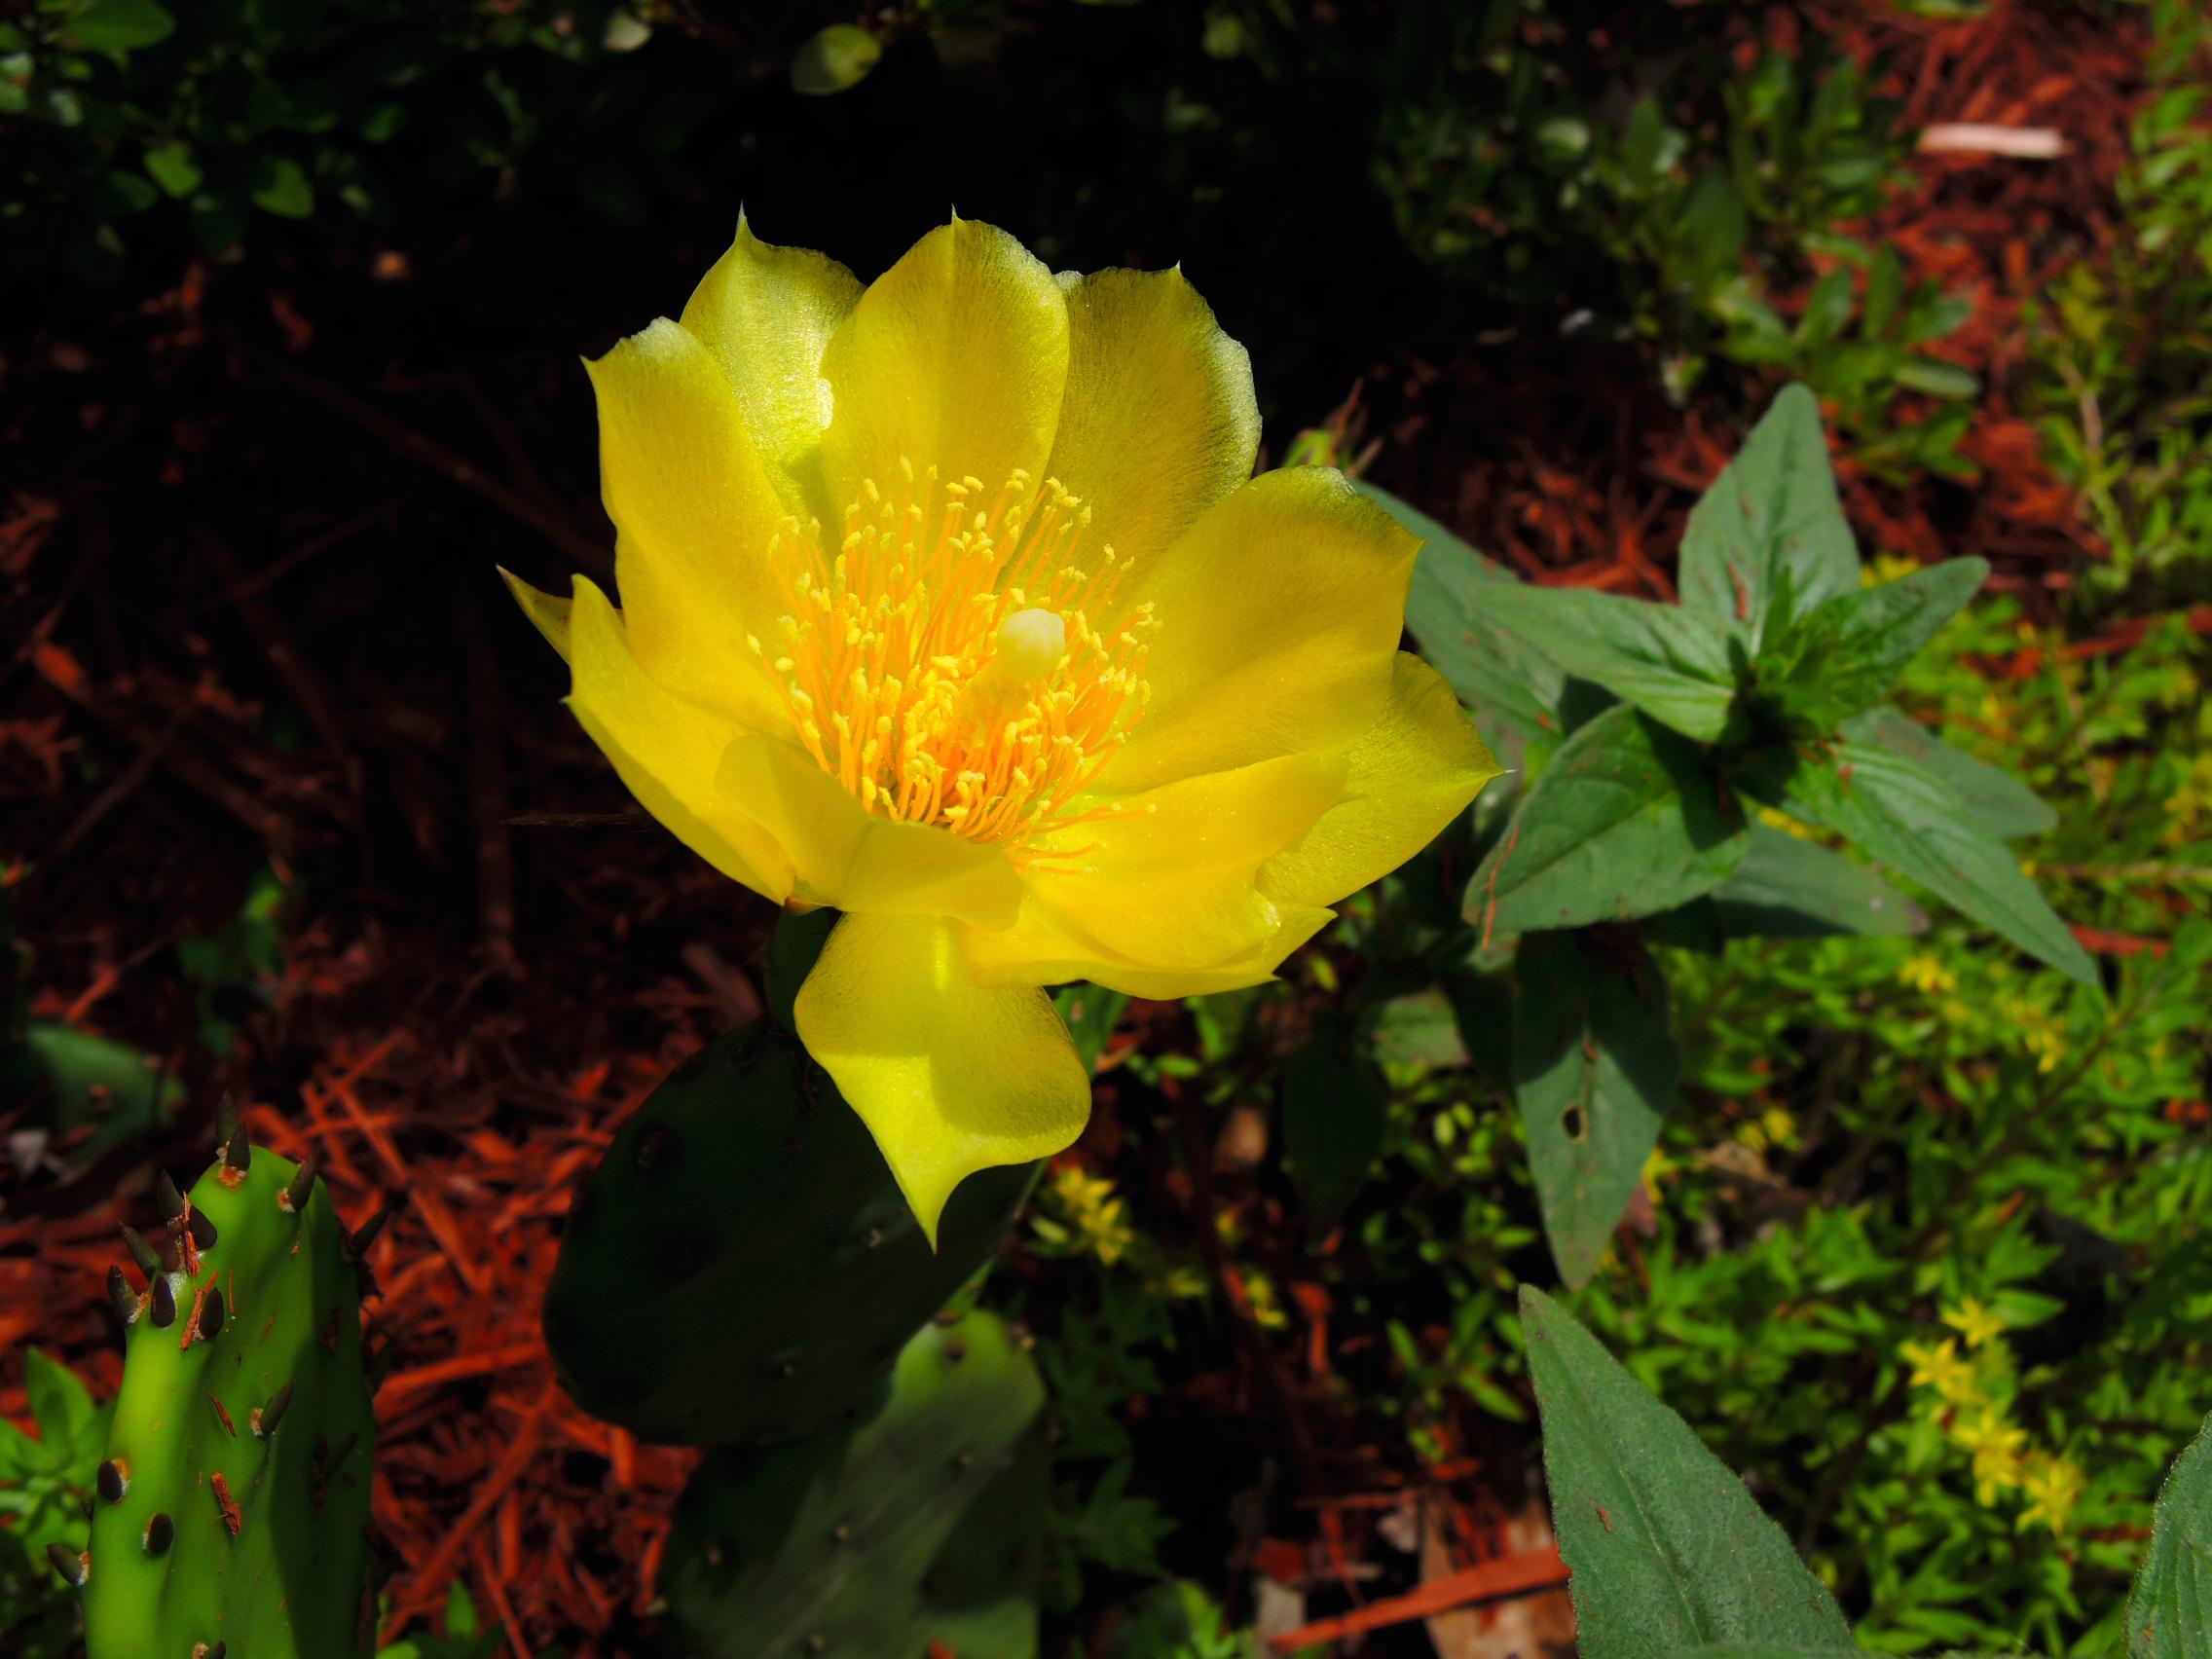 DSCN0016 - yellow cactus flower.jpg